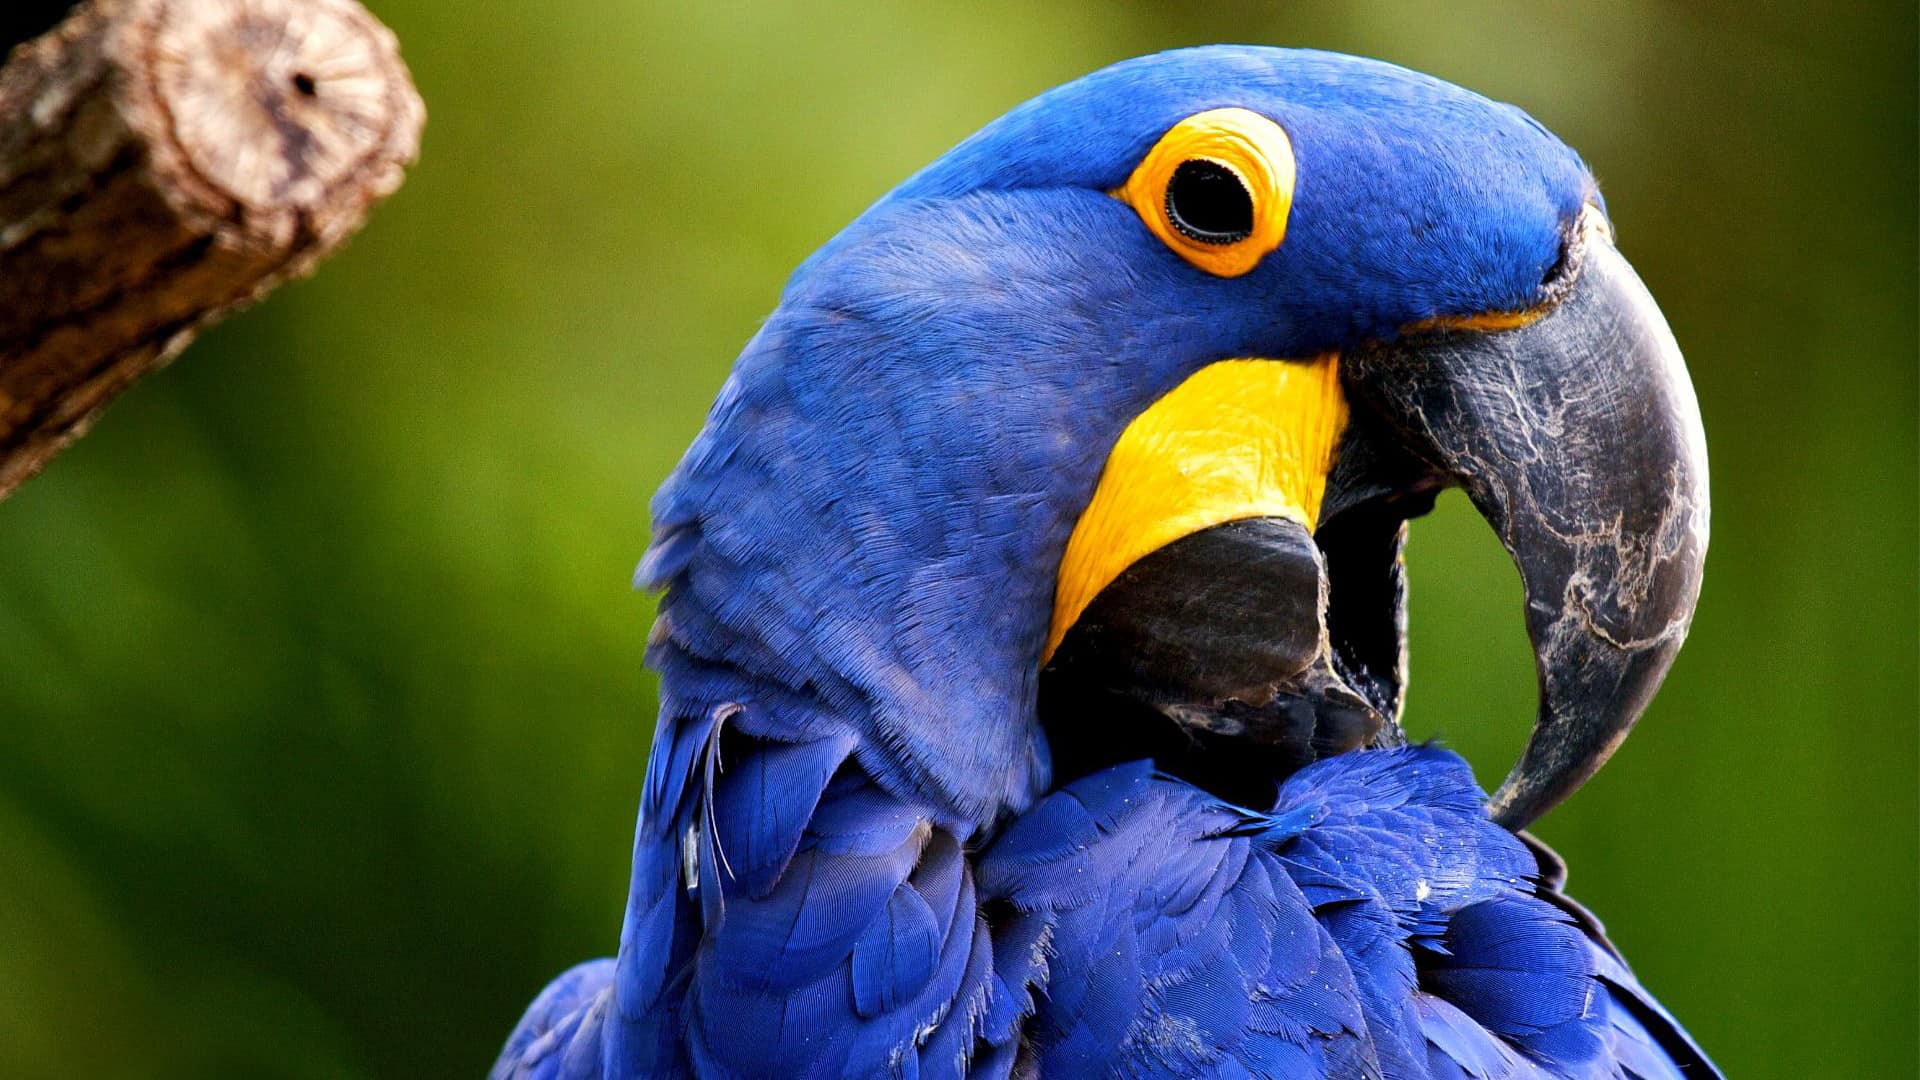 Cute Birds HD Wallpaper Free Download  HD